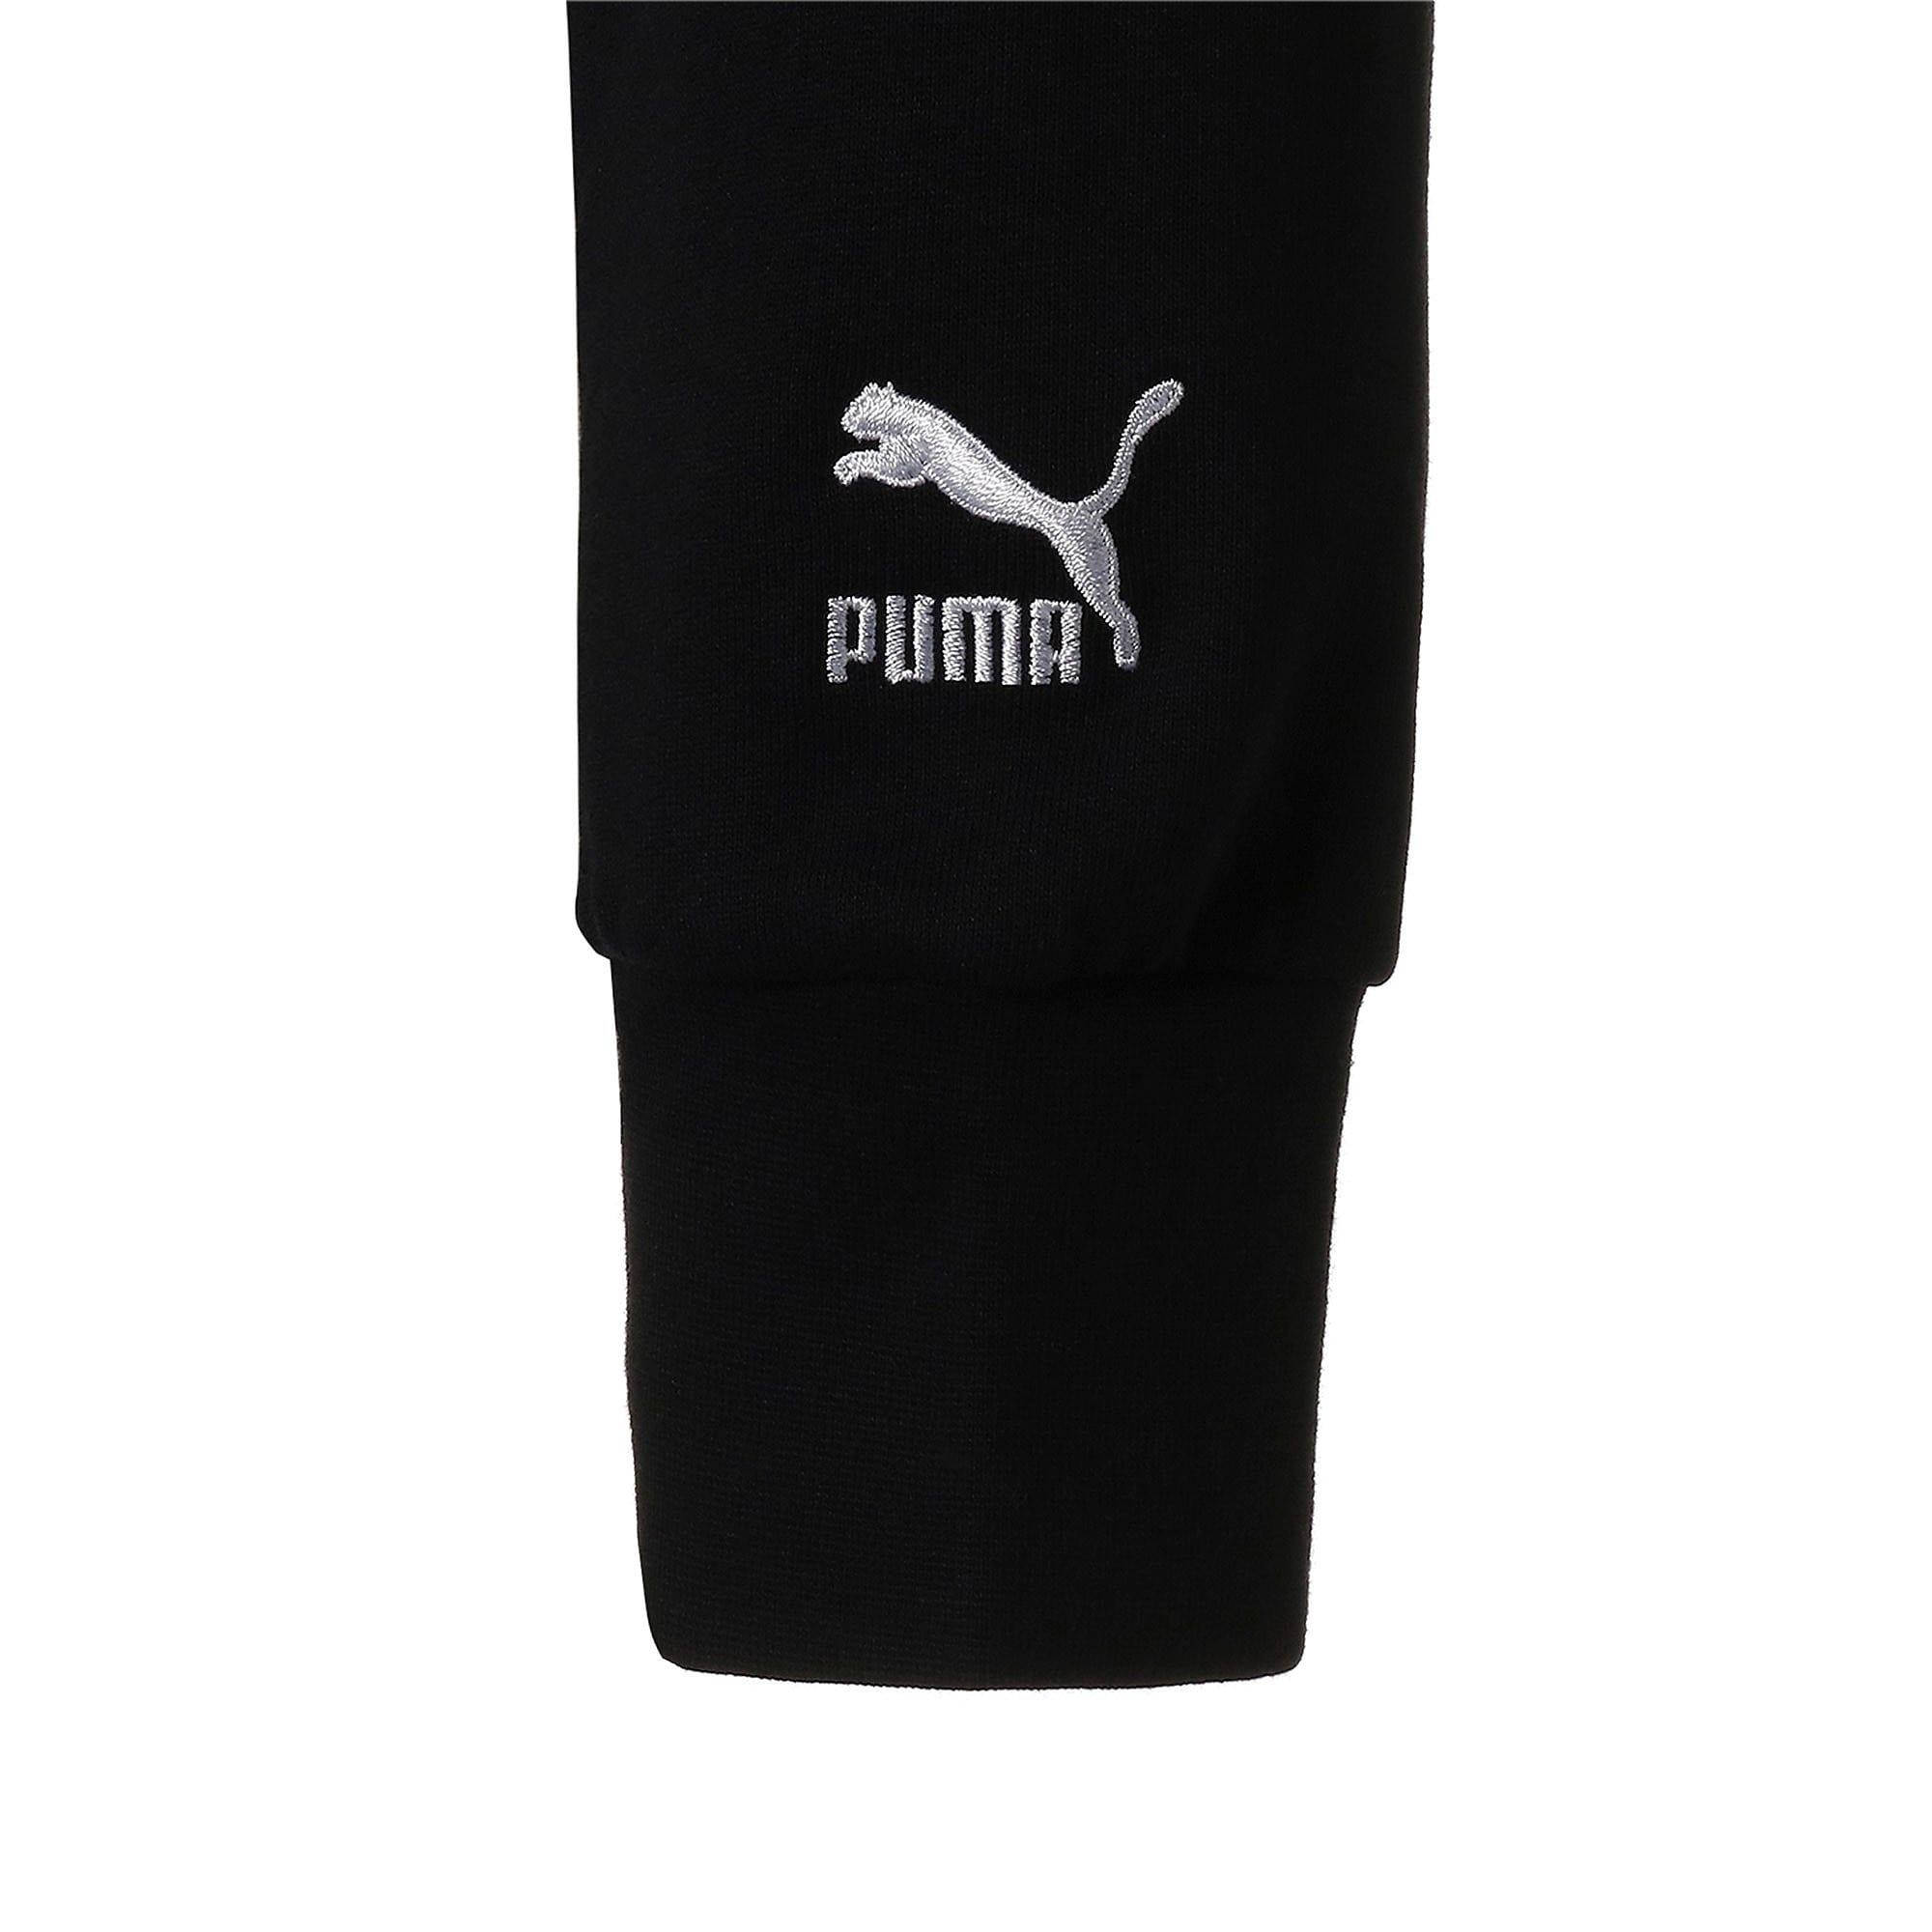 Thumbnail 5 of PUMA x TYAKASHA ウィメンズ タートルネック, Cotton Black, medium-JPN